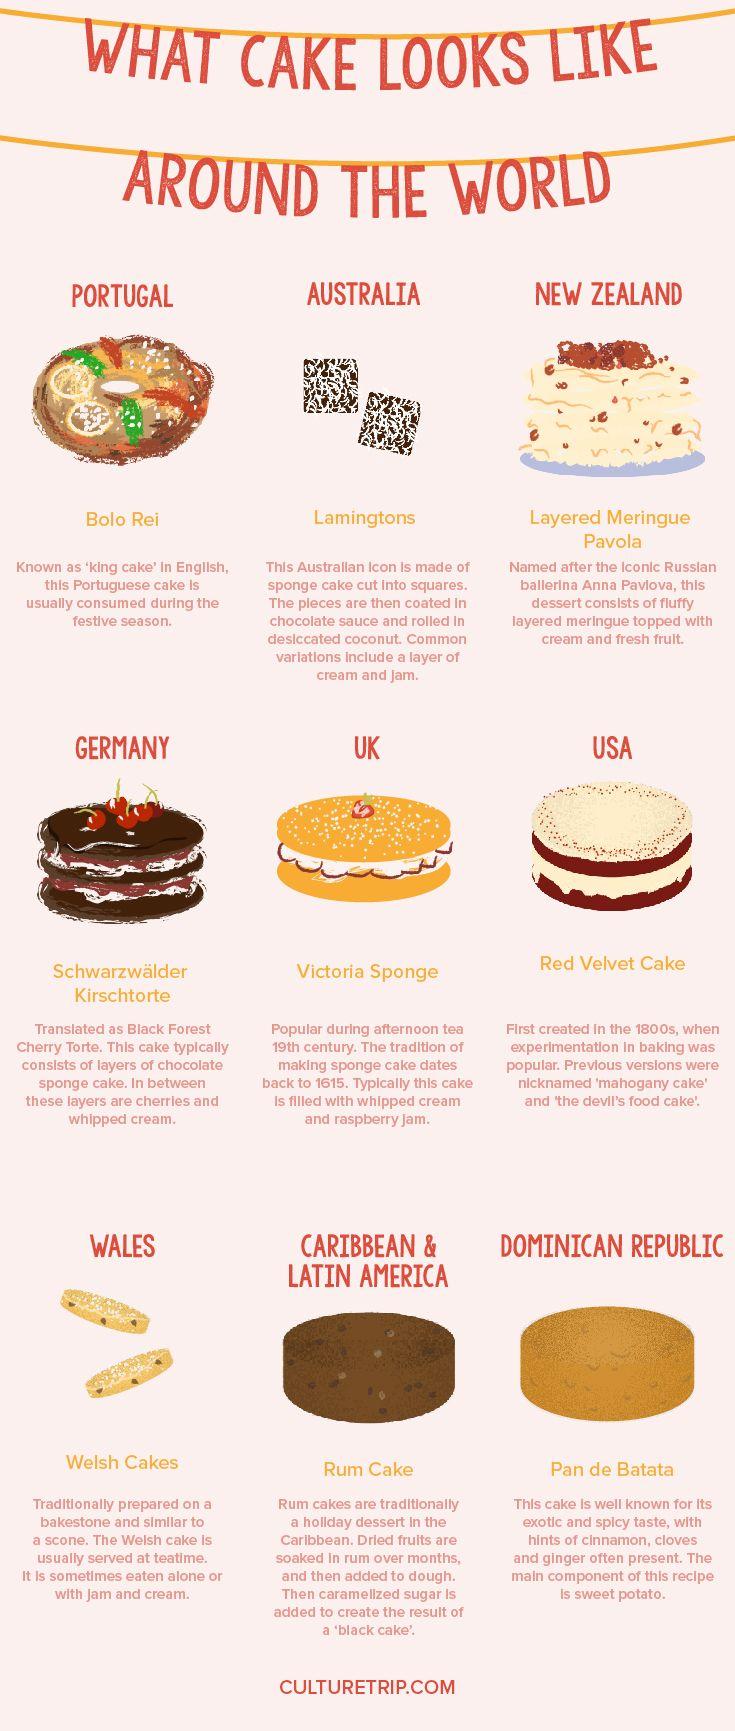 What Cake Looks Like Around the World